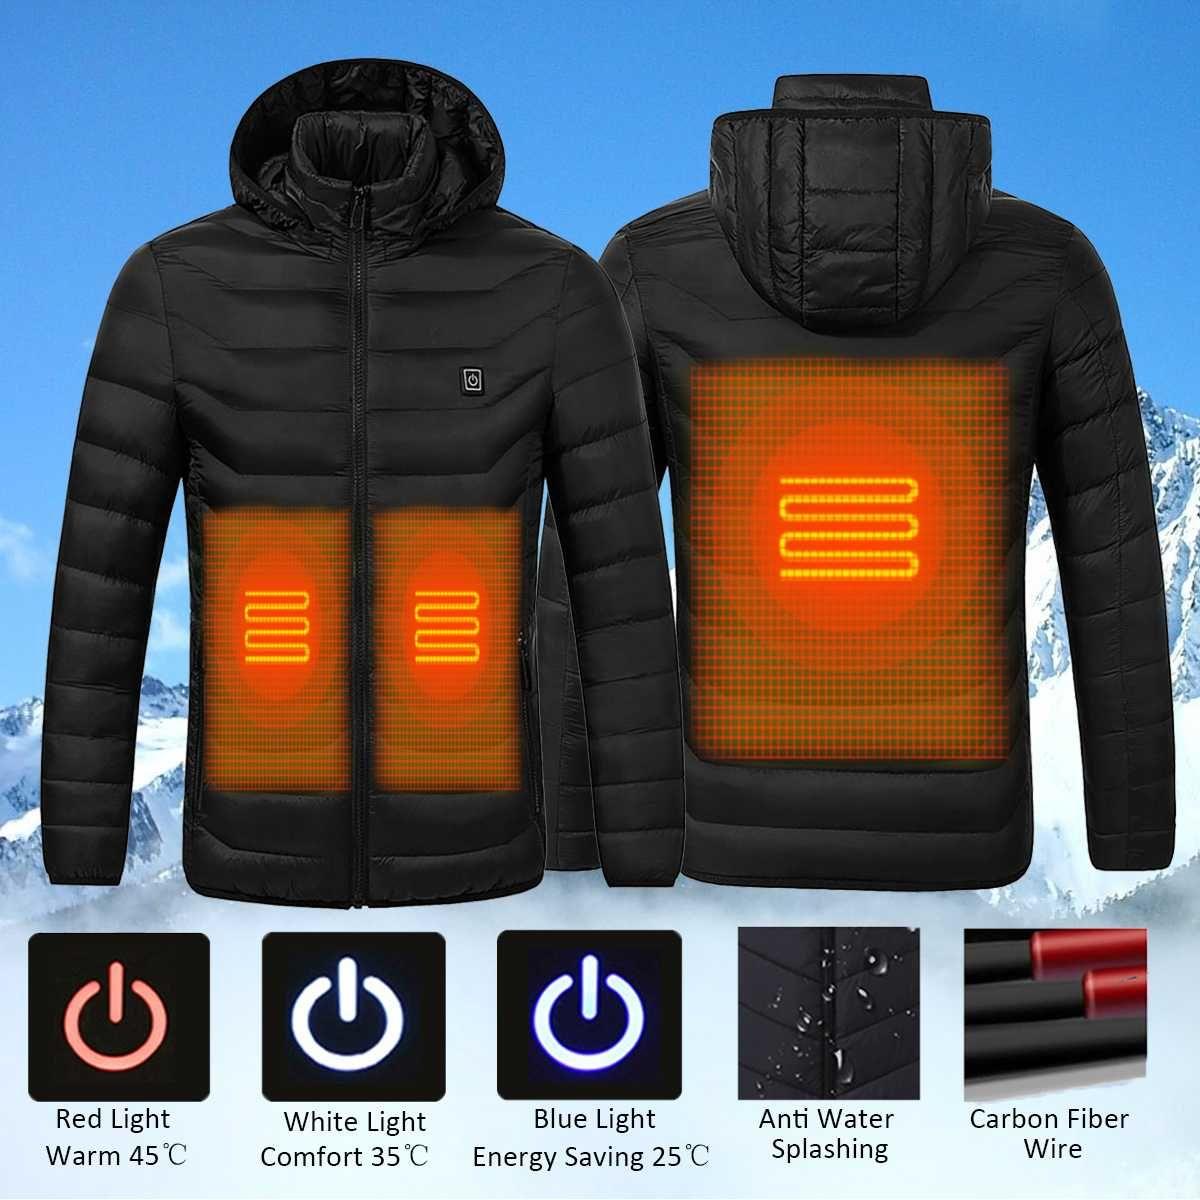 NEUE Universal Winter Elektrische Heizung Mit Kapuze Mantel Jacke Temperatur Control USB Bauch Zurück Intelligente Sicherheit Weste Kleidung